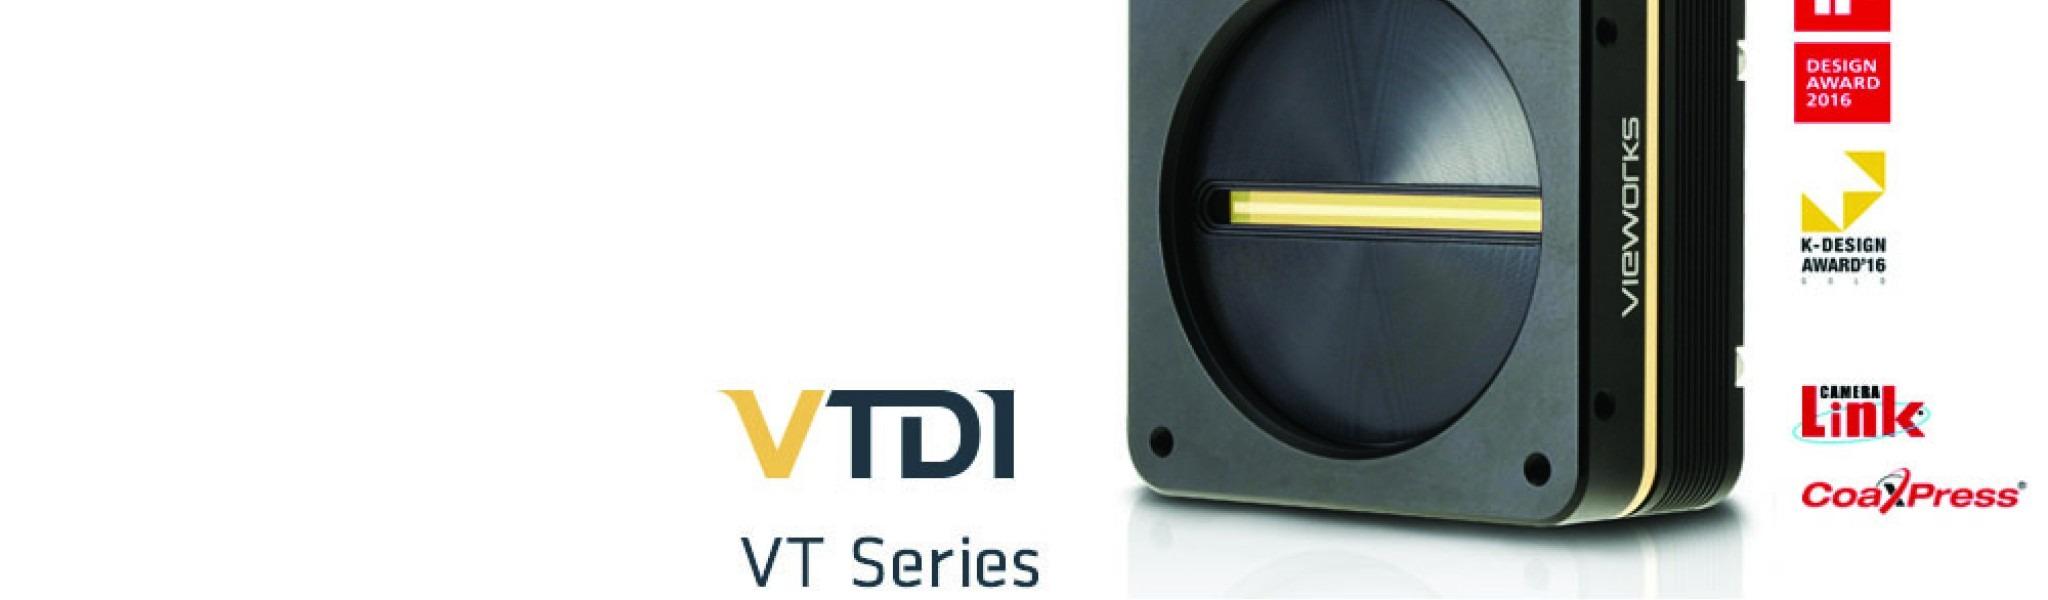 23K 140KH 256 staage TDI Hybrid Sensor